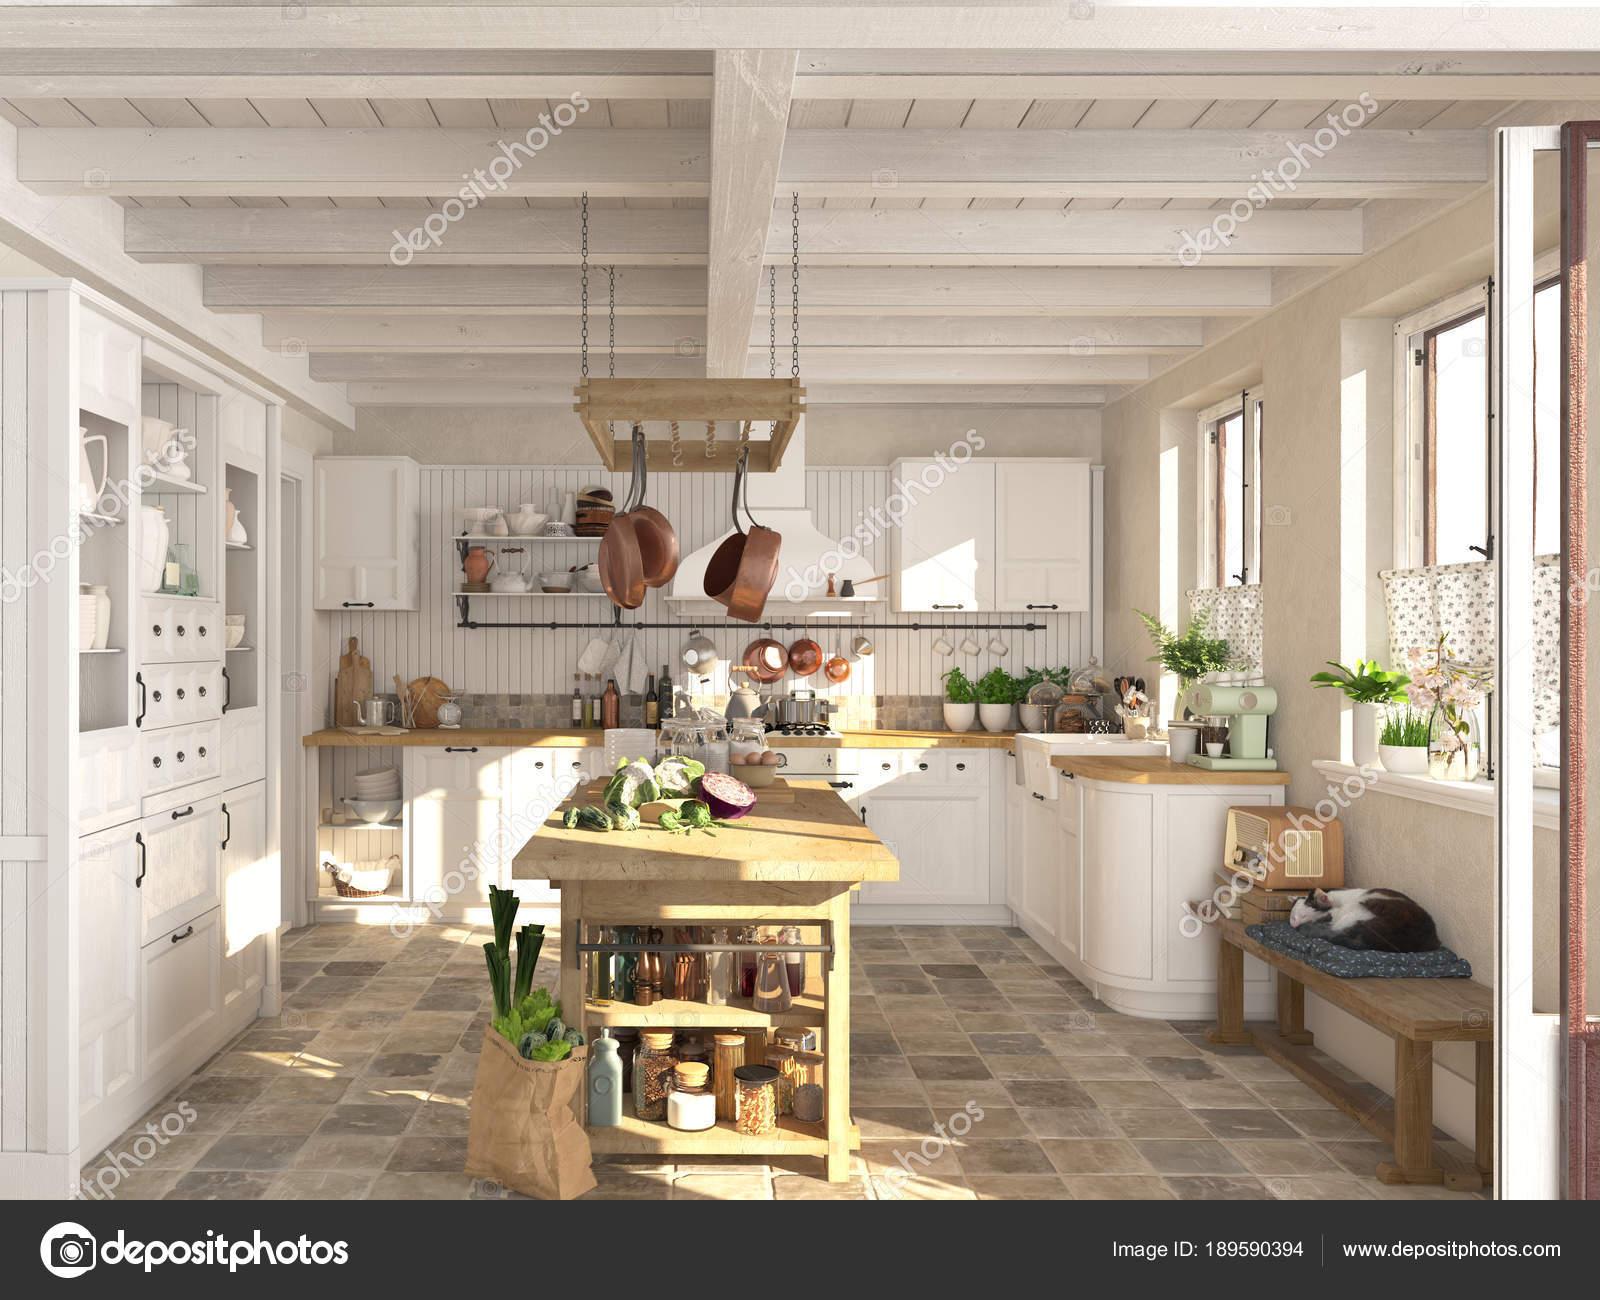 Retro-Küche in einer Hütte mit schlafenden Katze. 3D rendering ...